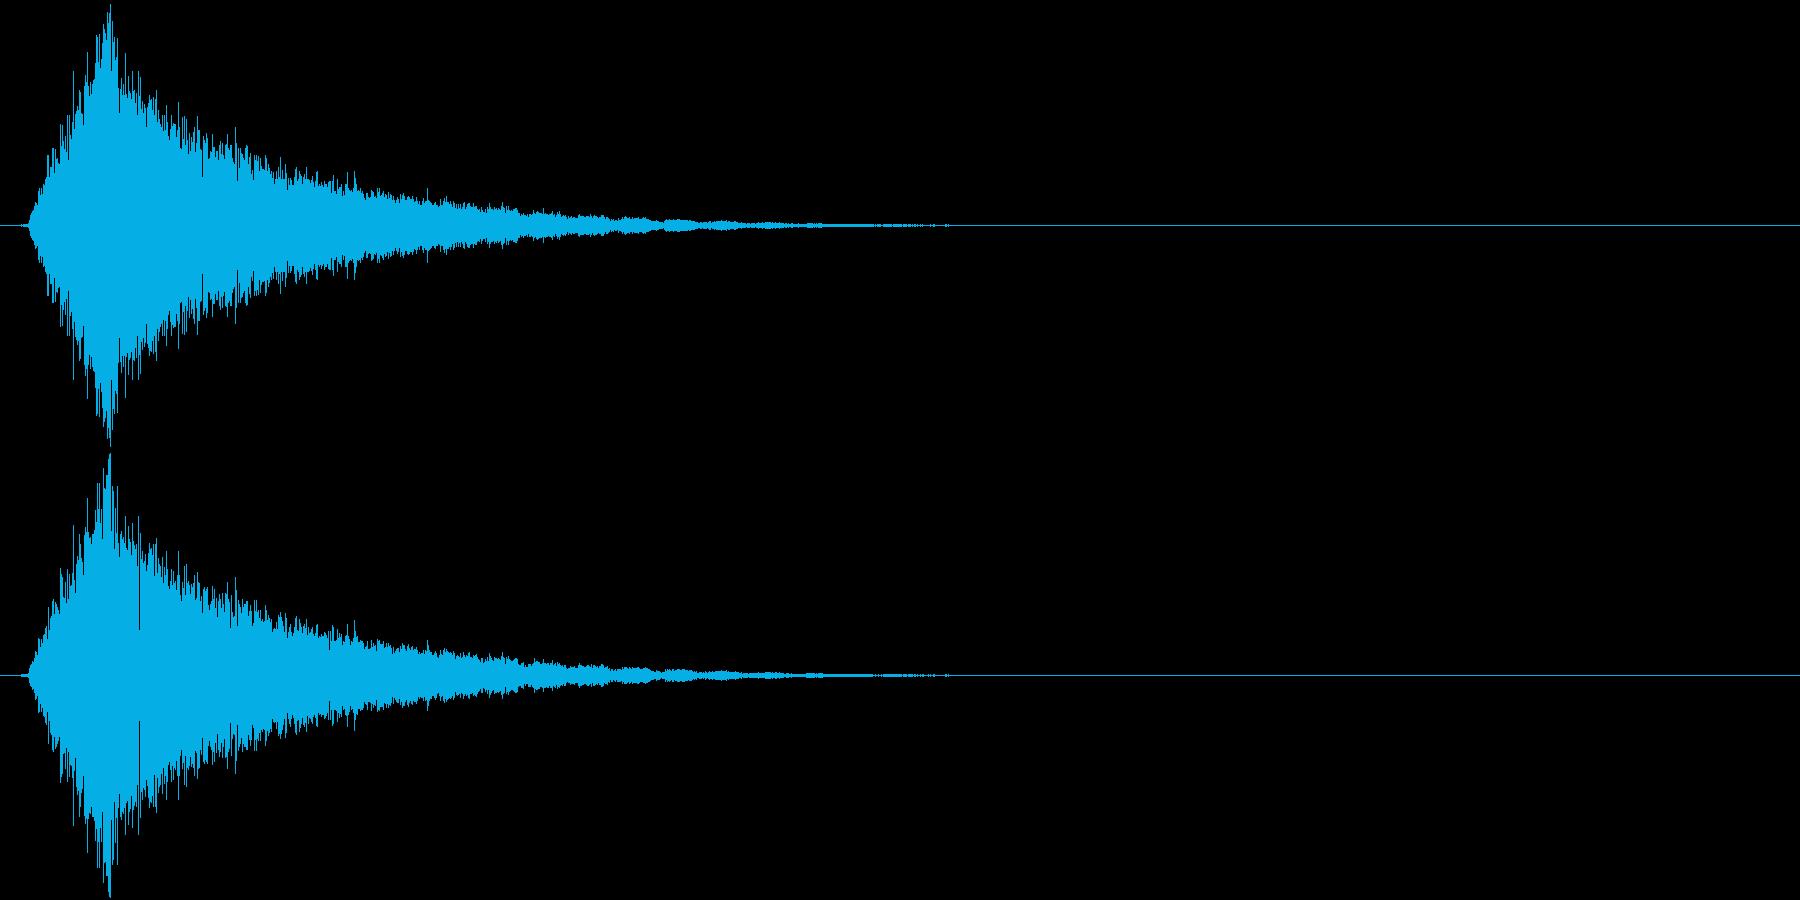 グギュルル…(変化、毒、実験)の再生済みの波形